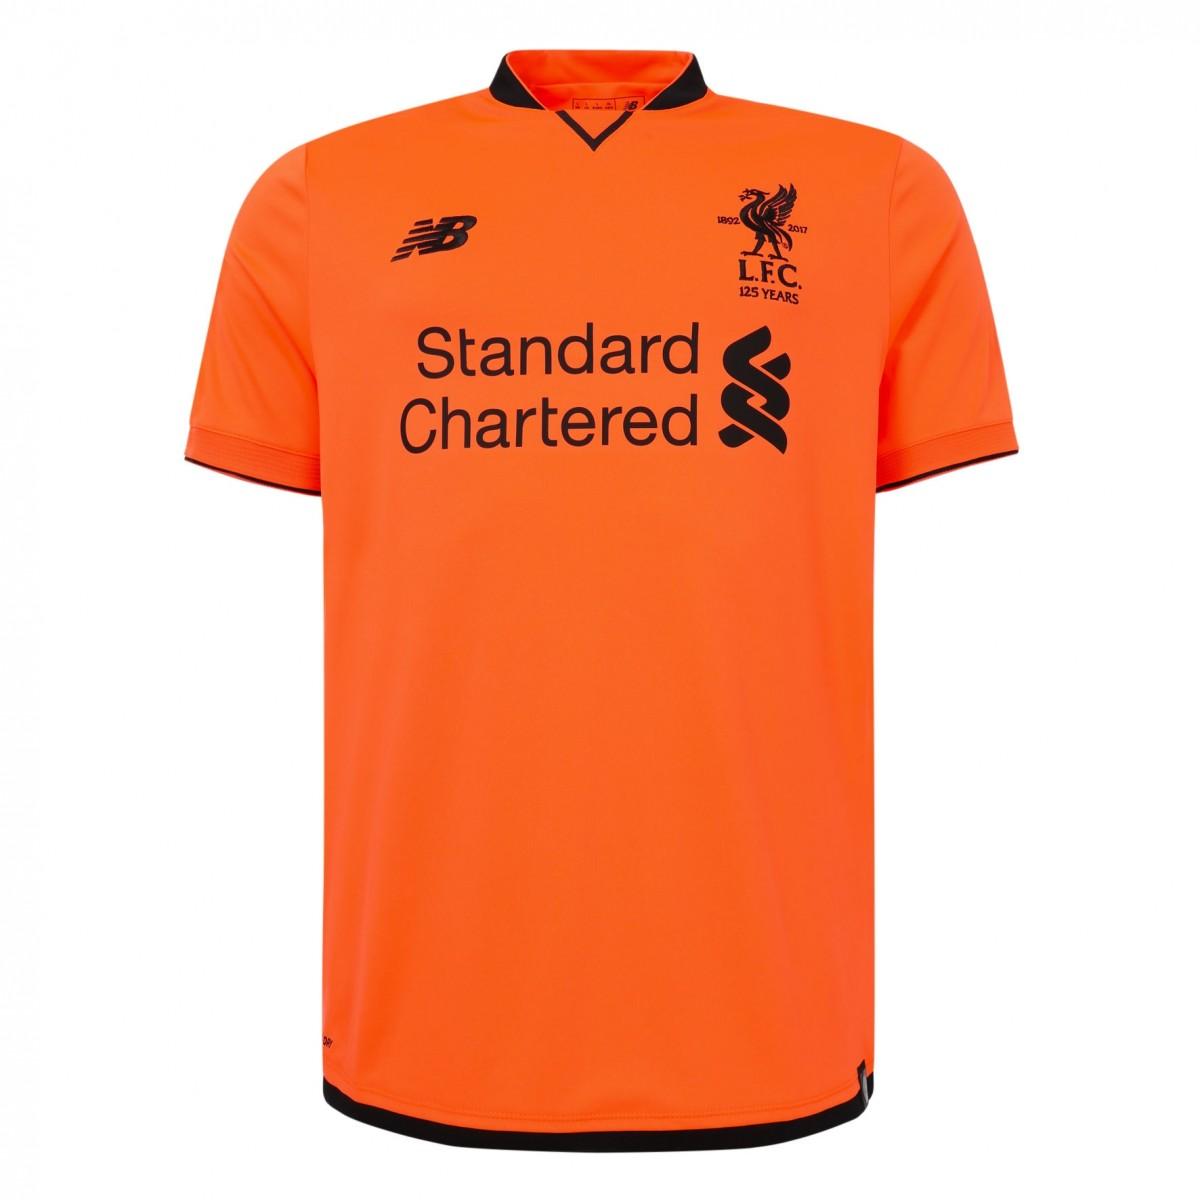 Liverpool lança terceira camisa com a cor laranja - 20 07 2017 - UOL ... e15ab36c90092